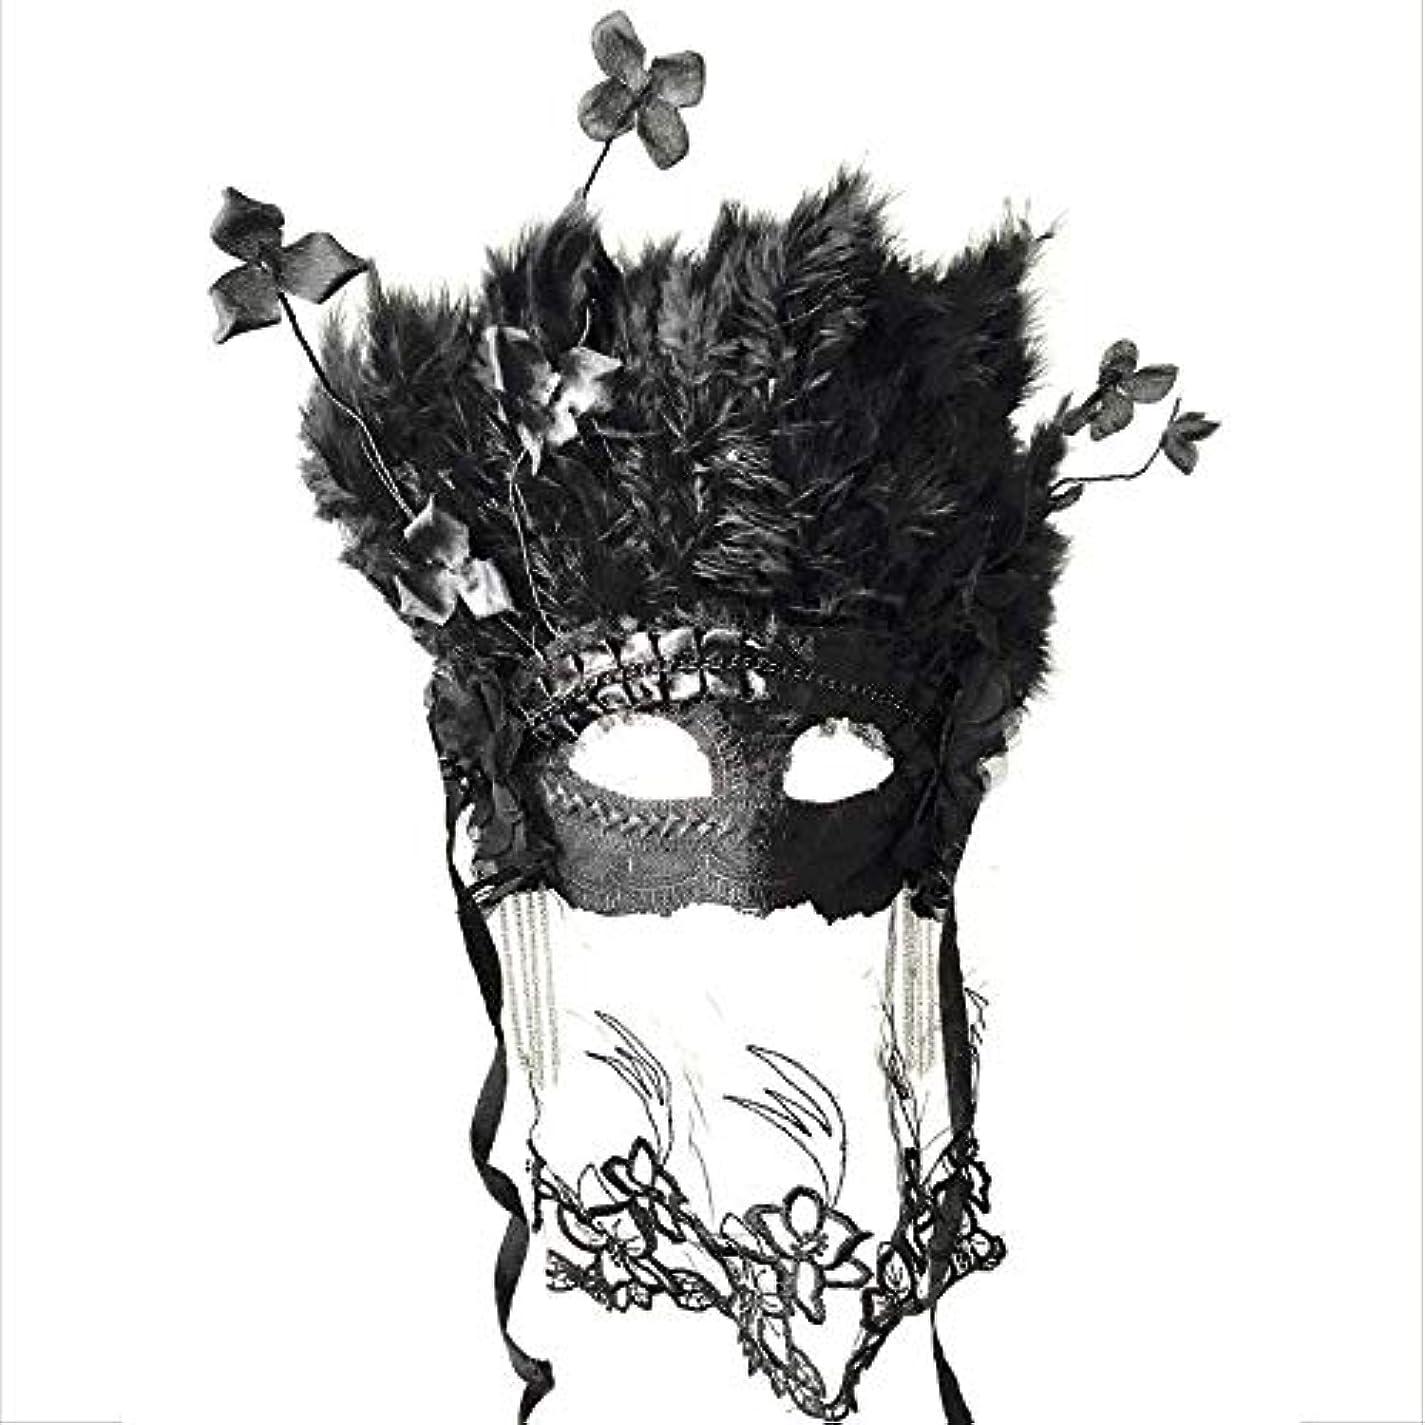 じゃない谷限りNanle ハロウィンクリスマスベールドライフラワーフェザータッセルマスク仮装マスクレディミスプリンセス美容祭パーティーデコレーションマスク